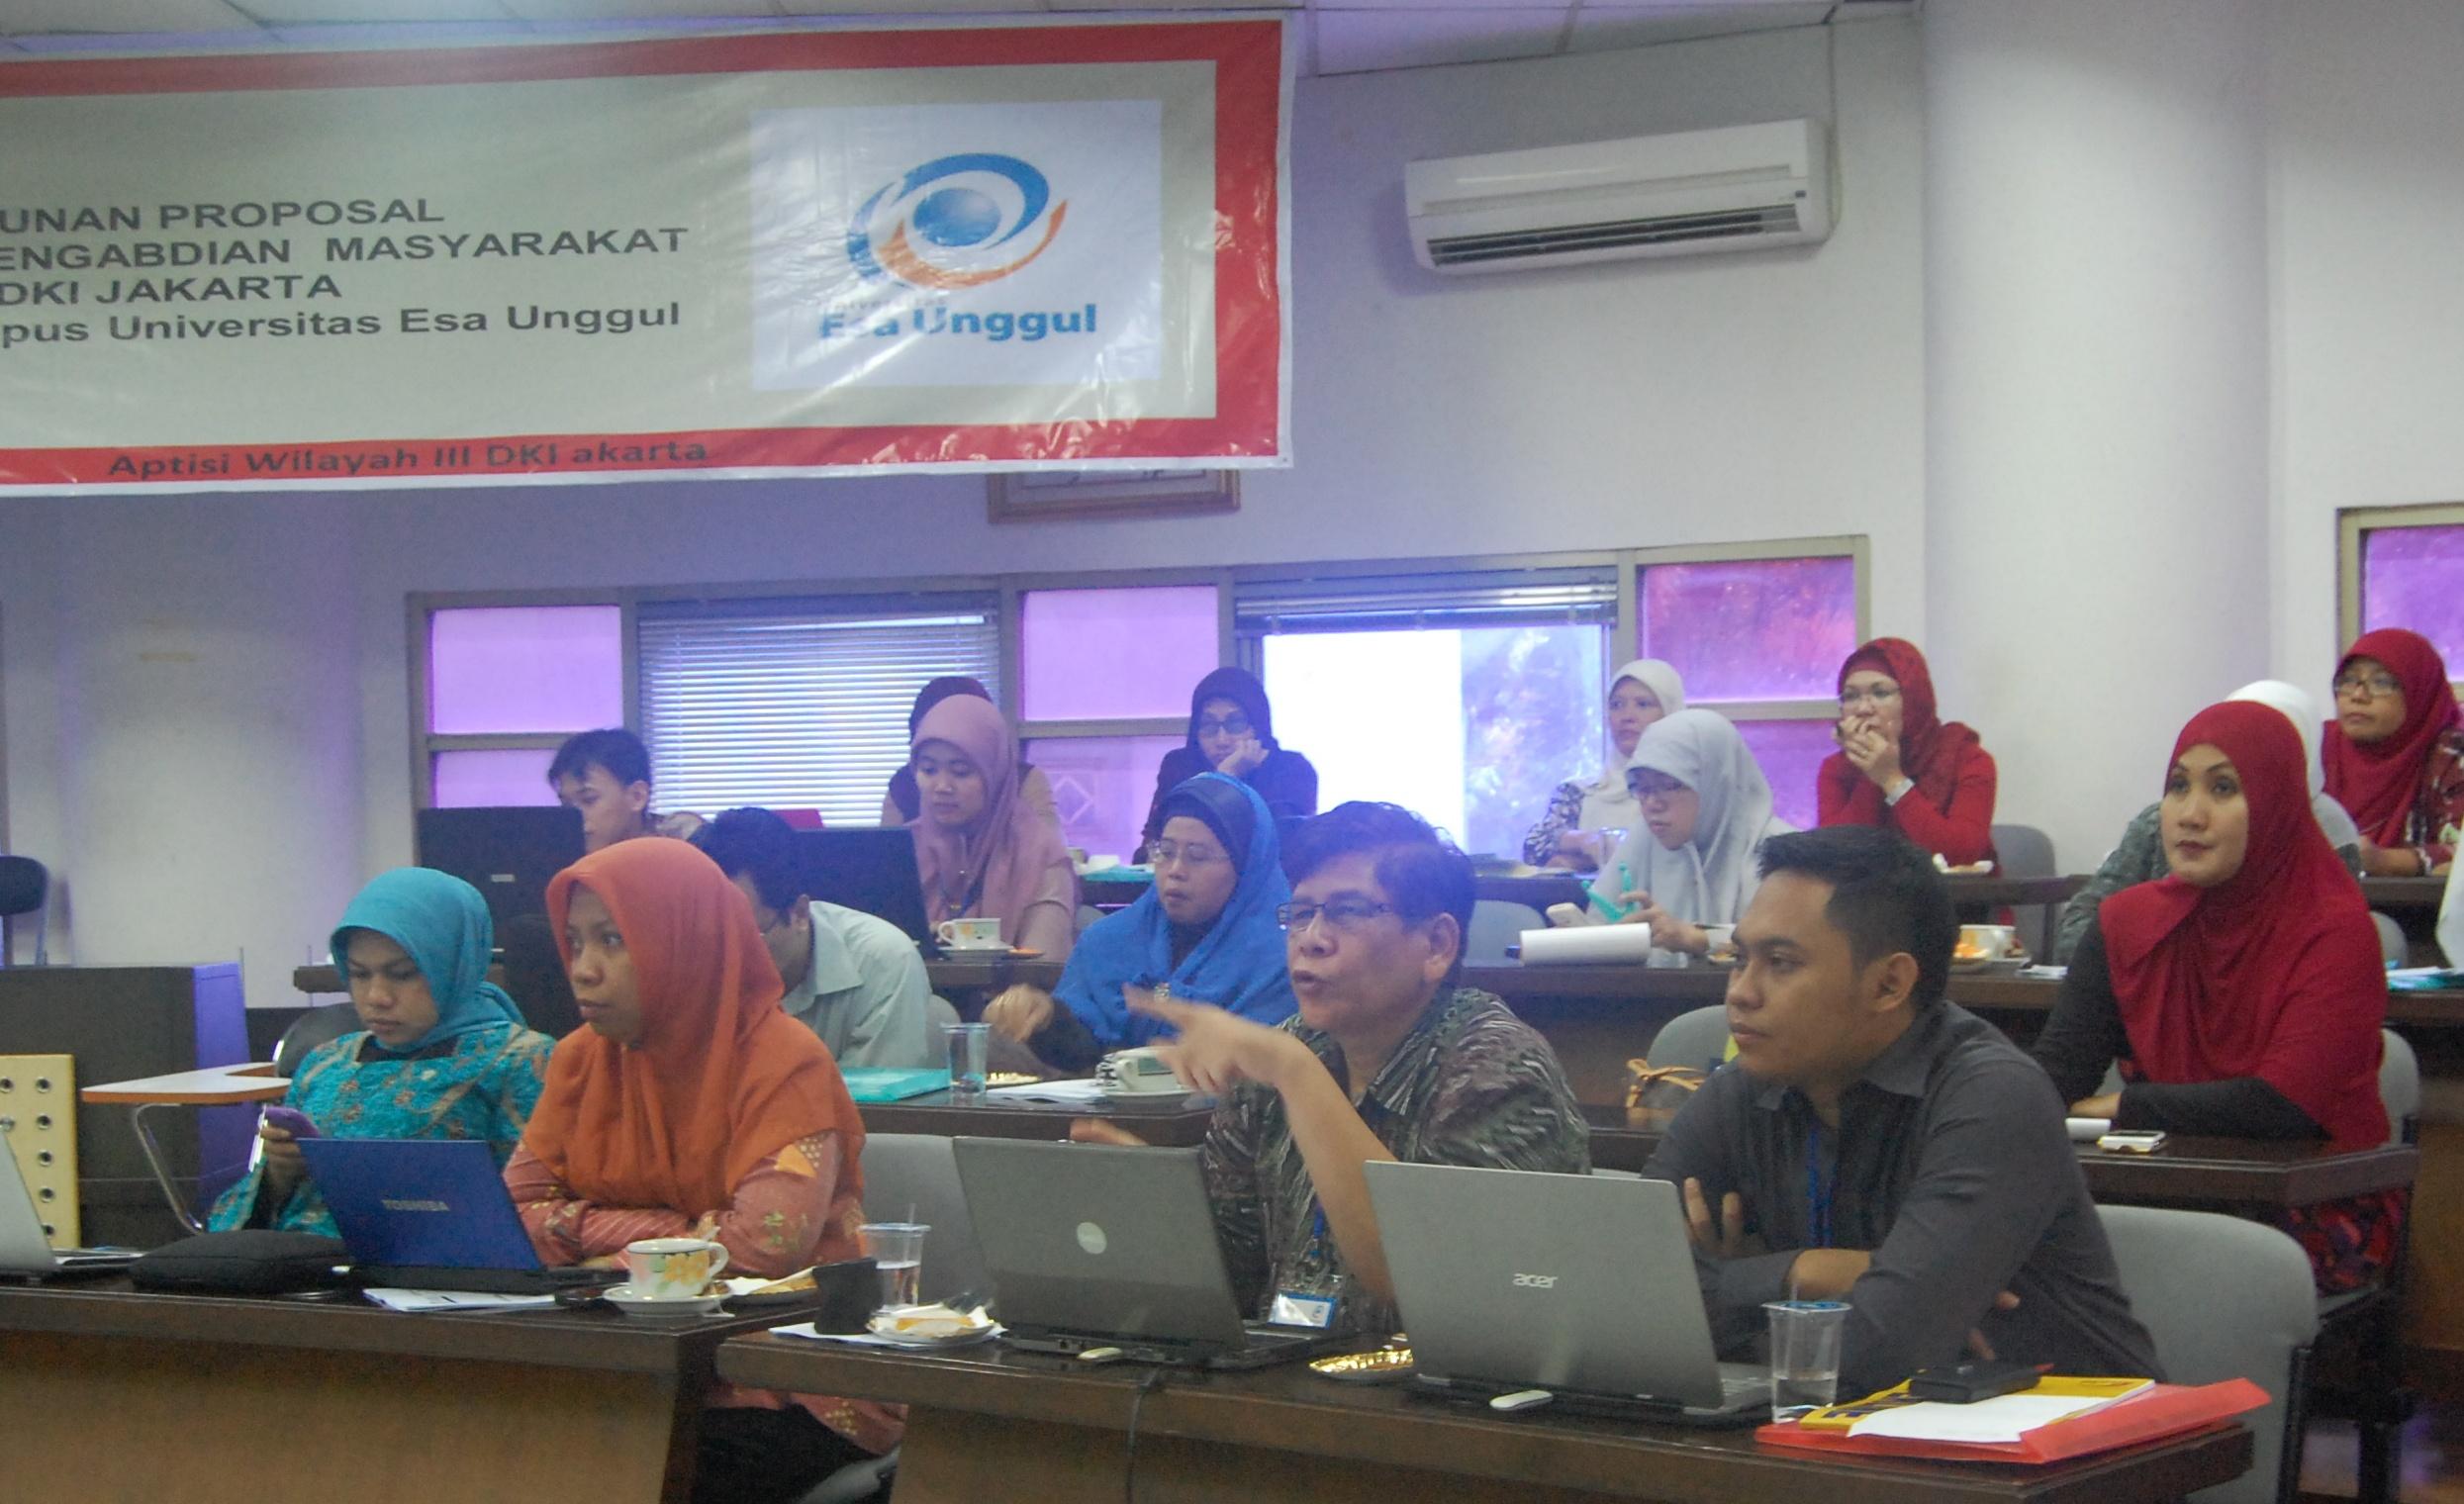 Workshop APTISI: Penyusunan Proposal Penelitian dan Pengabdian Masyarakat, 2-3 April 2013